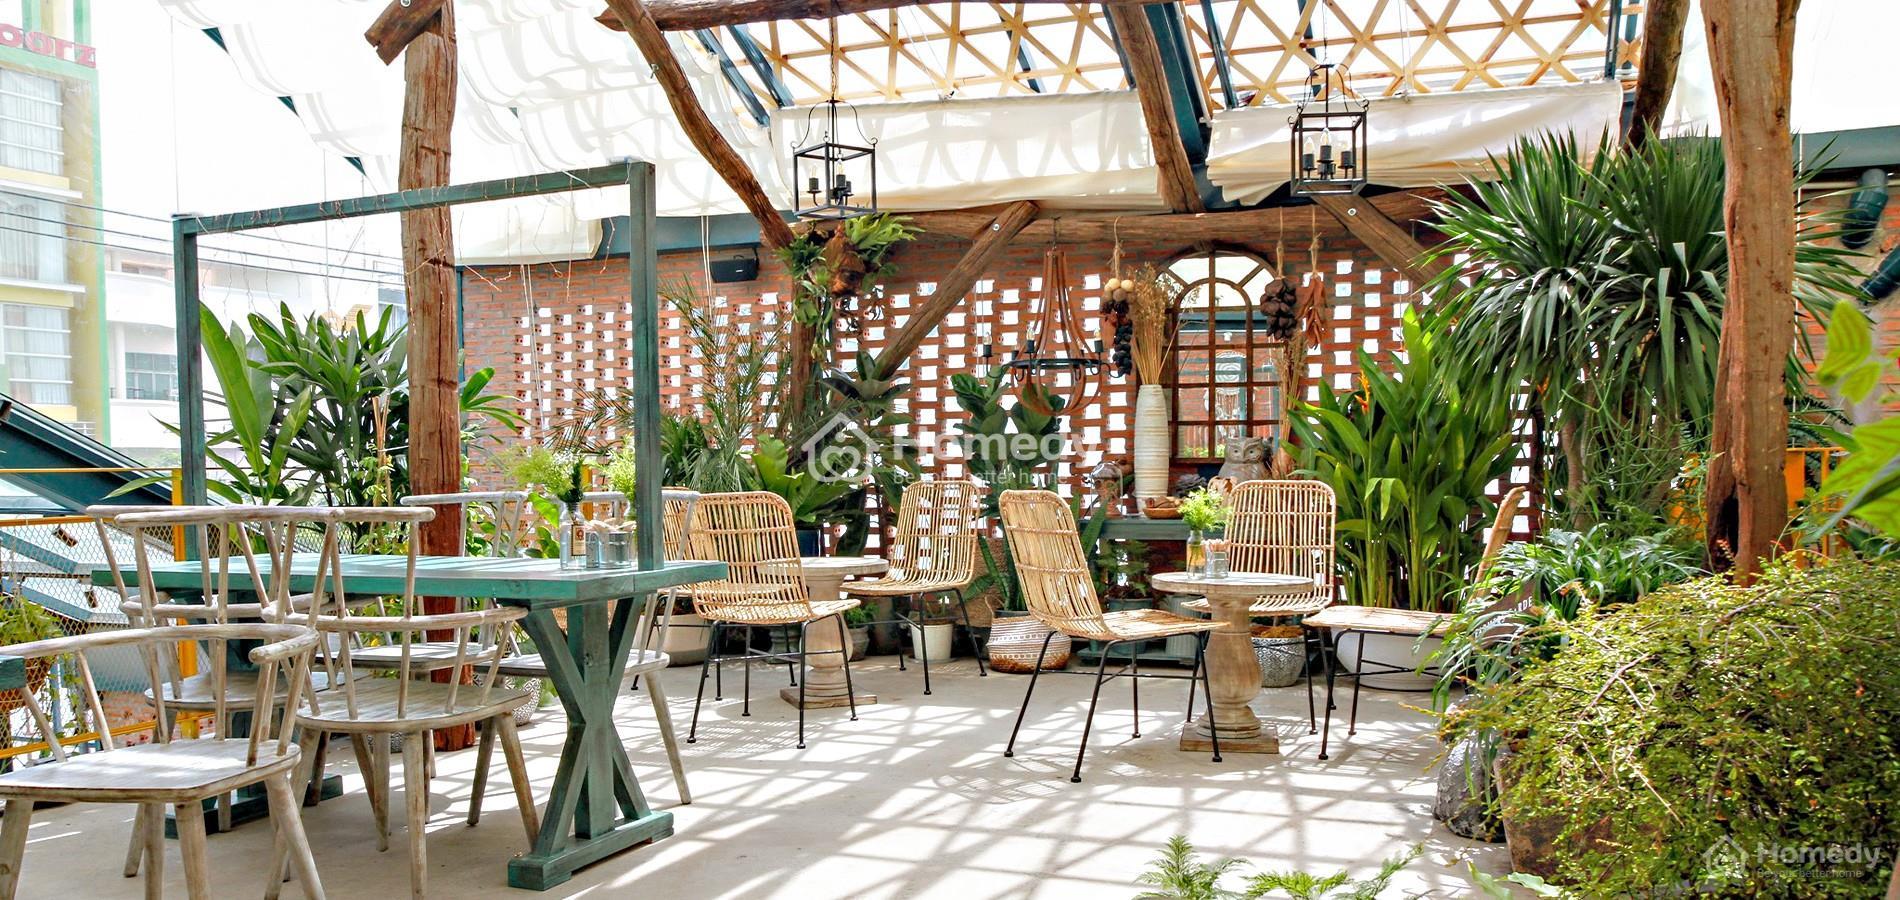 Thiết kế quán cafe sân vườnnhỏ đang trở thành xu hướng hiện nay